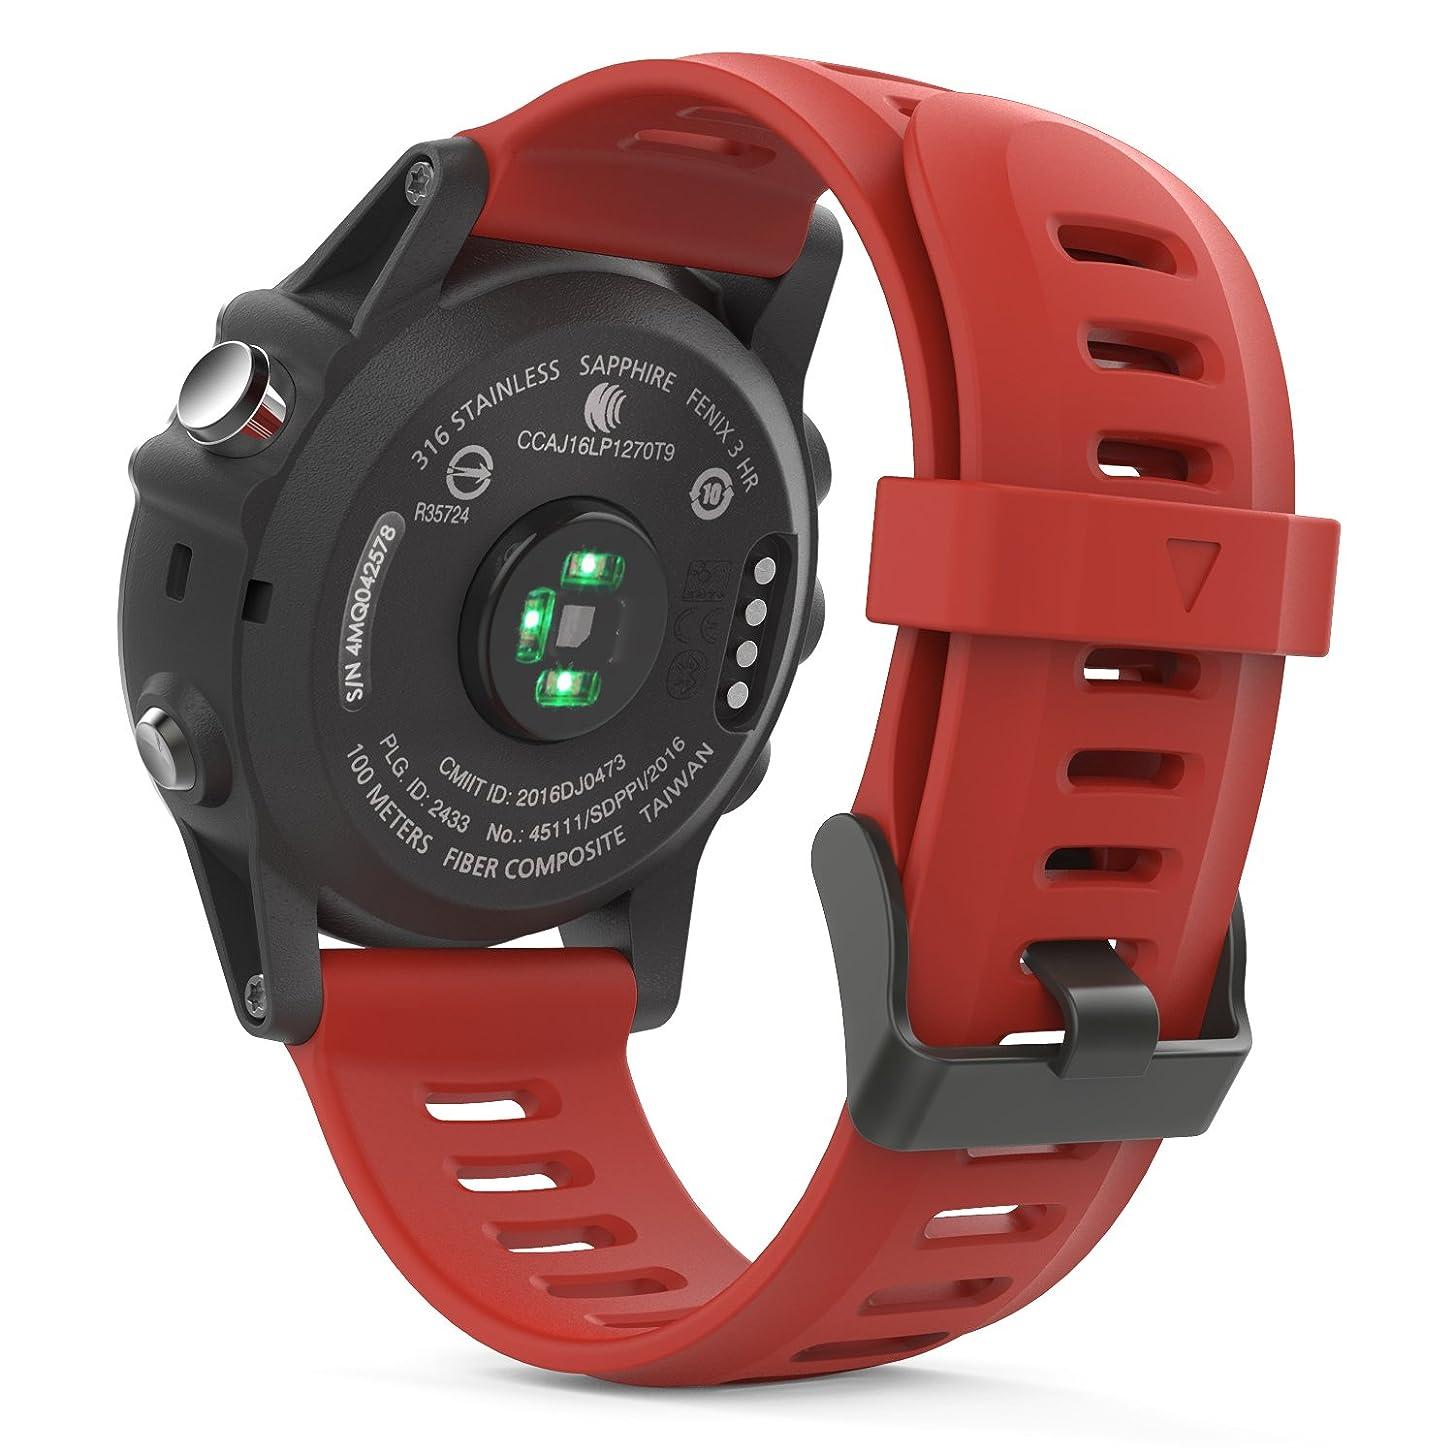 調整する糞匿名Garmin Fenix 3 バンド - ATiC Garmin Fenix 3 / Fenix 3J HR/Fenix 5X / Garmin D2 Delta PX用ソフト 高級 シリコーン製腕時計ストラップ/バンド 交換ベルト RED